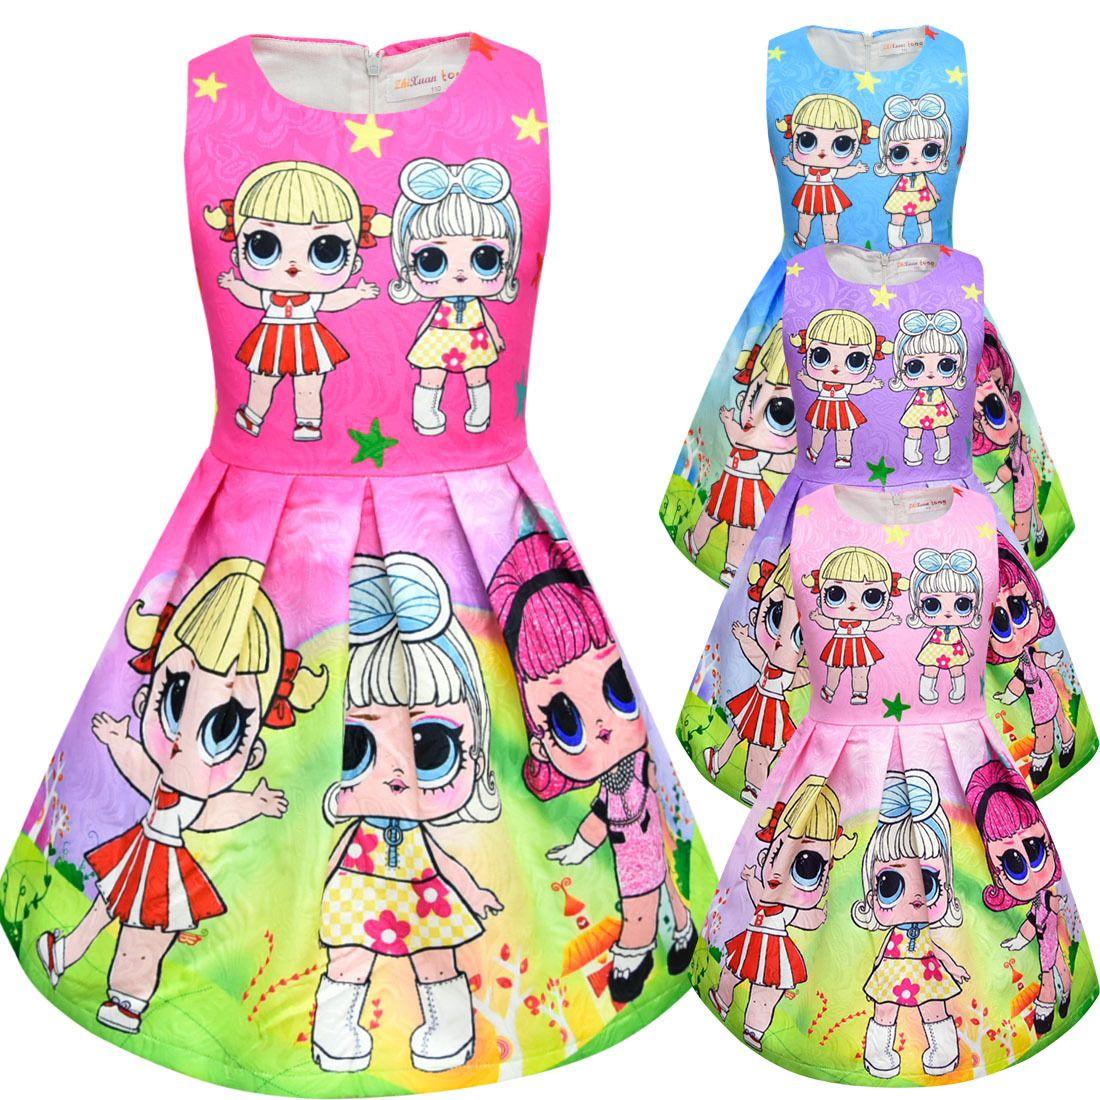 T shirt Short Skirt Set New Cartoon Girls Short sleeve Stage Suit Party Dress Summer Children's Wear Kids Outwear Top Girl's Clothing 8710